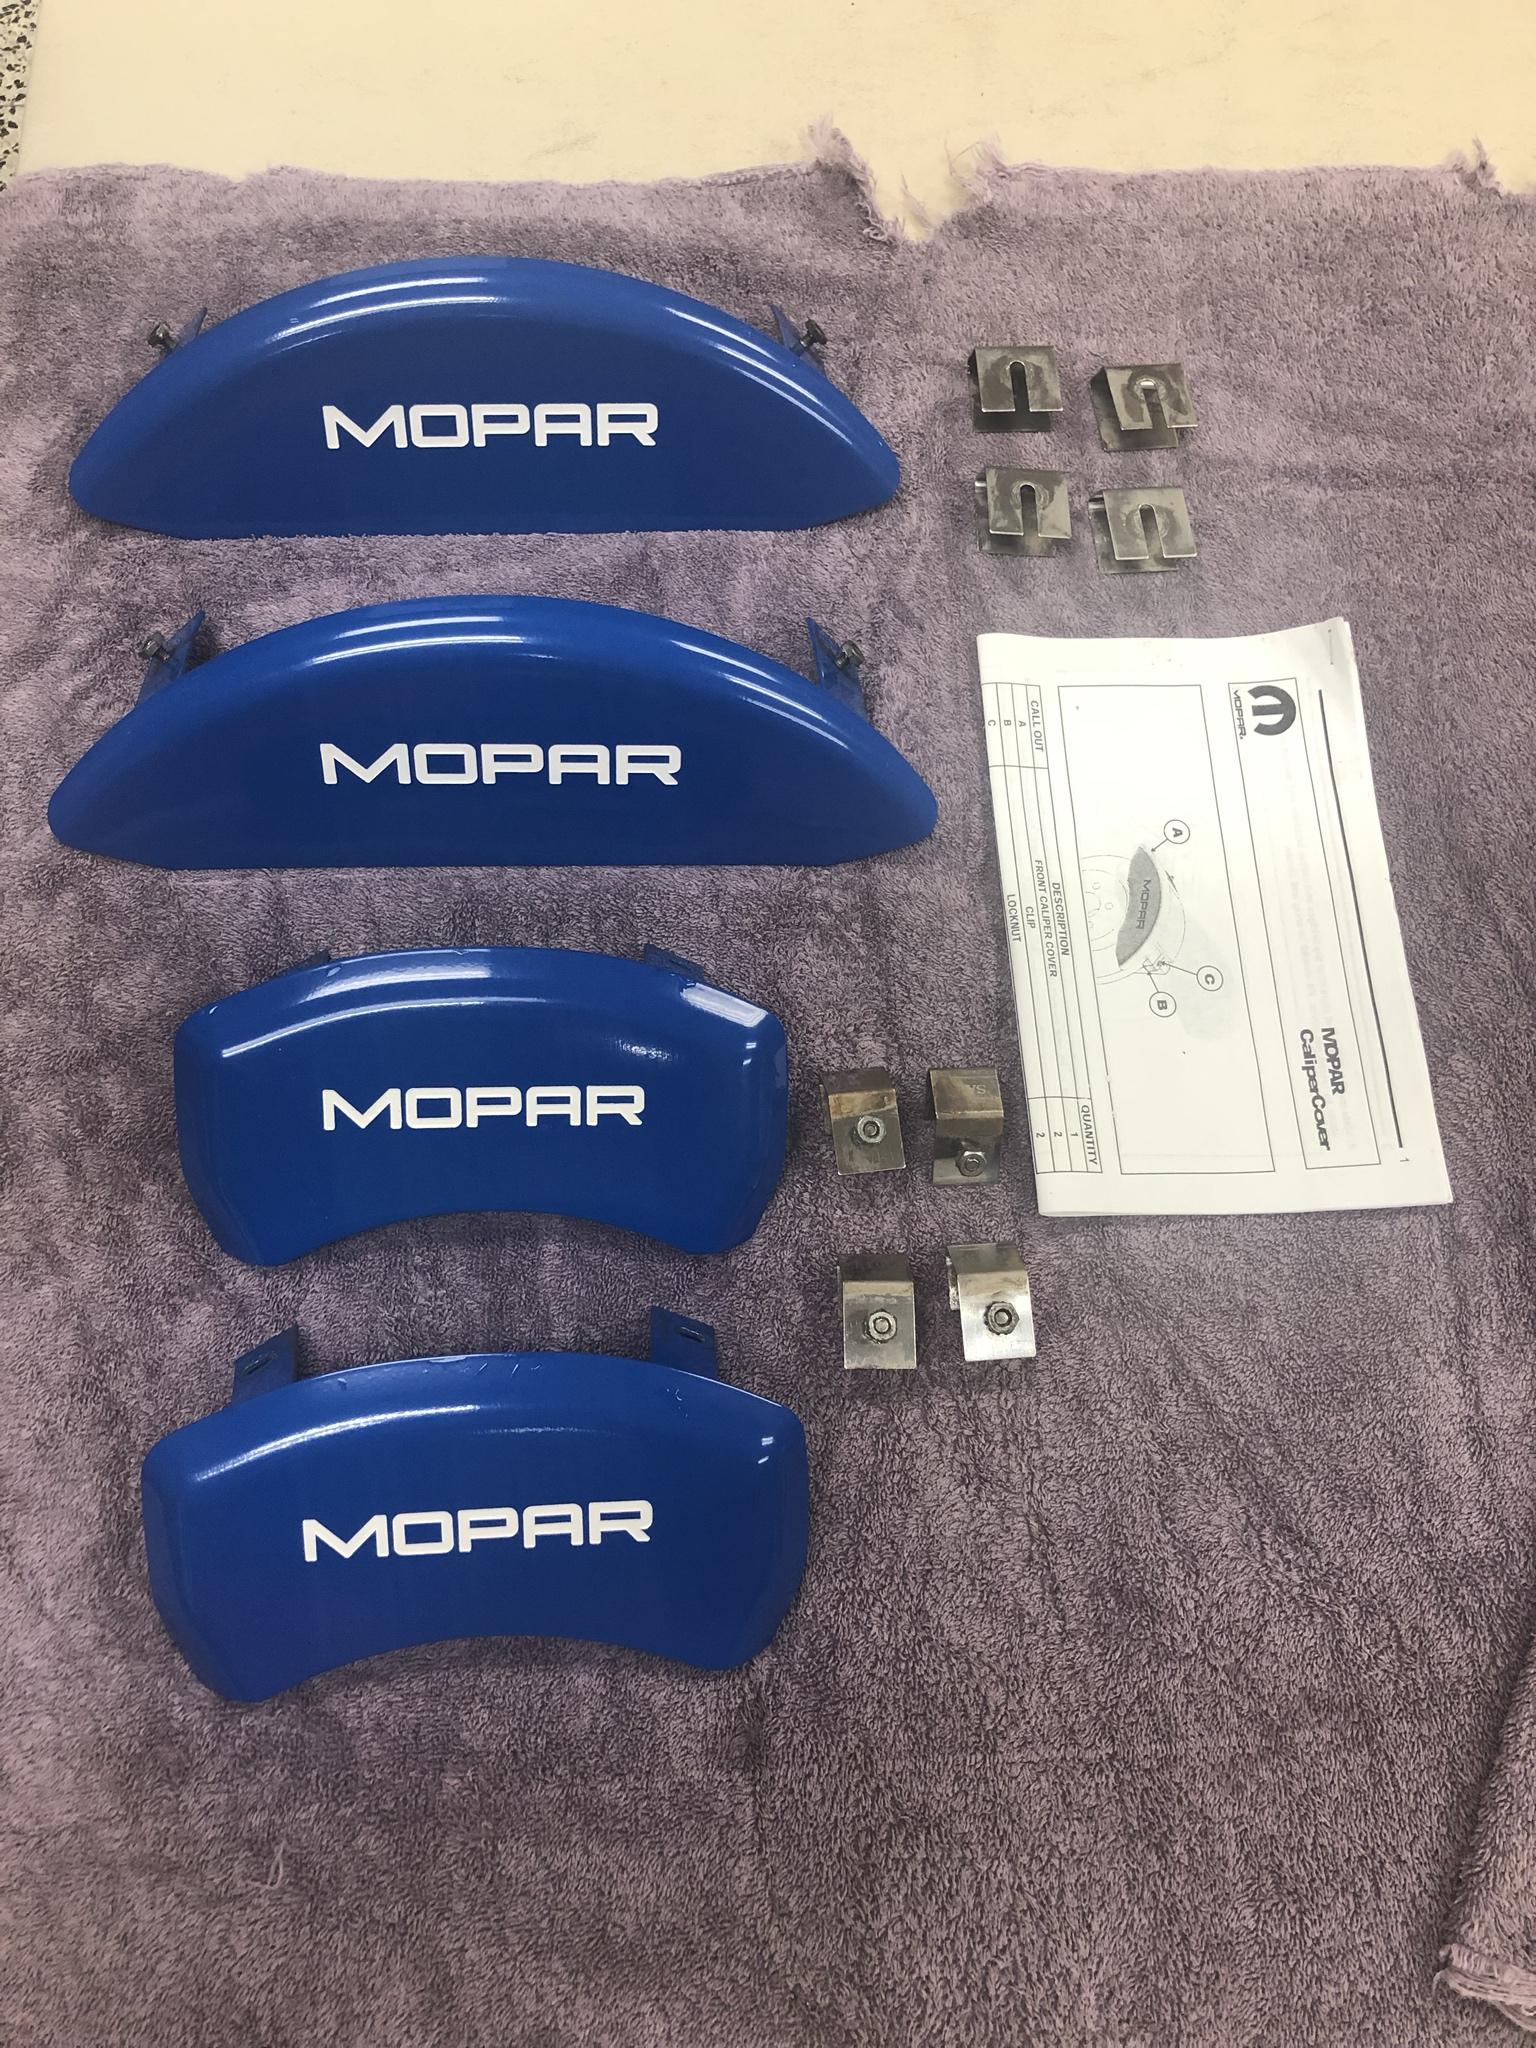 Mopar Caliper Covers - #82213125 - 11-19 Challenger/Charger RT